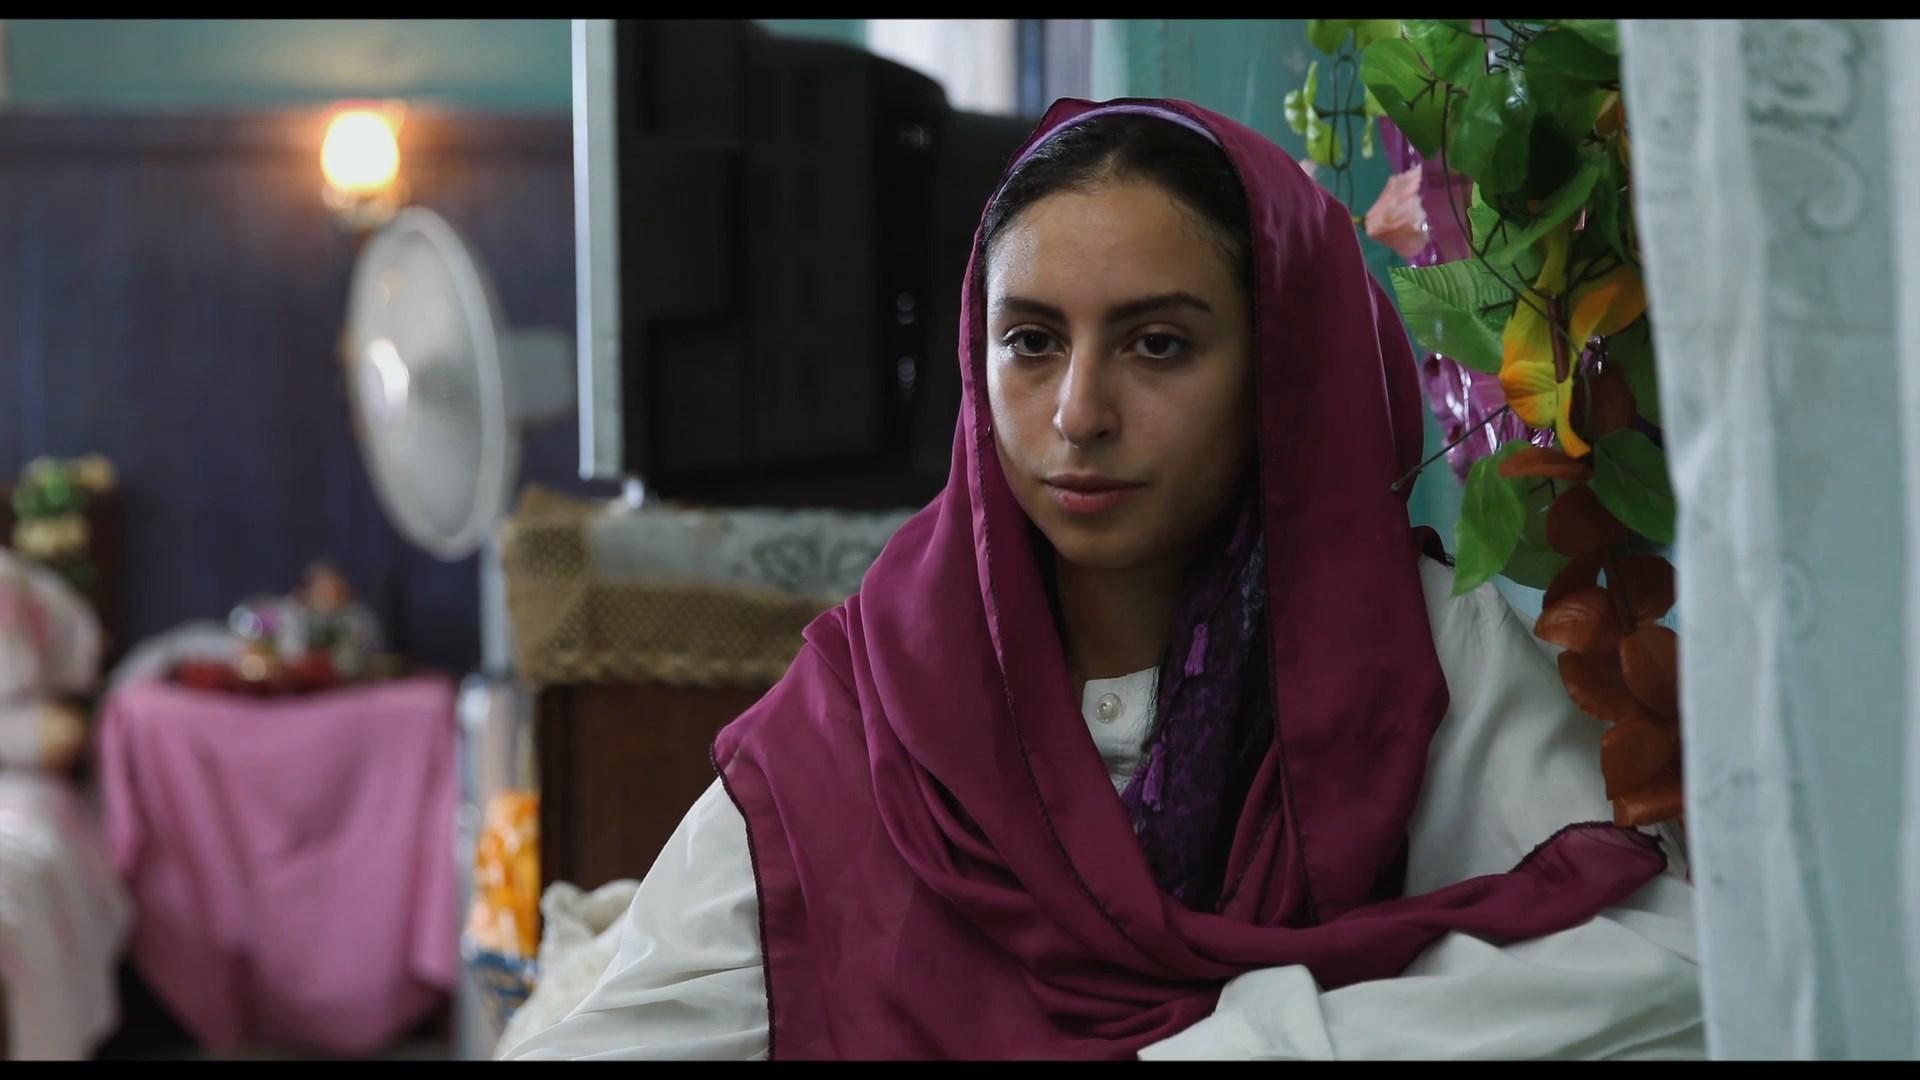 [فيلم][تورنت][تحميل][وردة][2014][1080p][Web-DL] 4 arabp2p.com